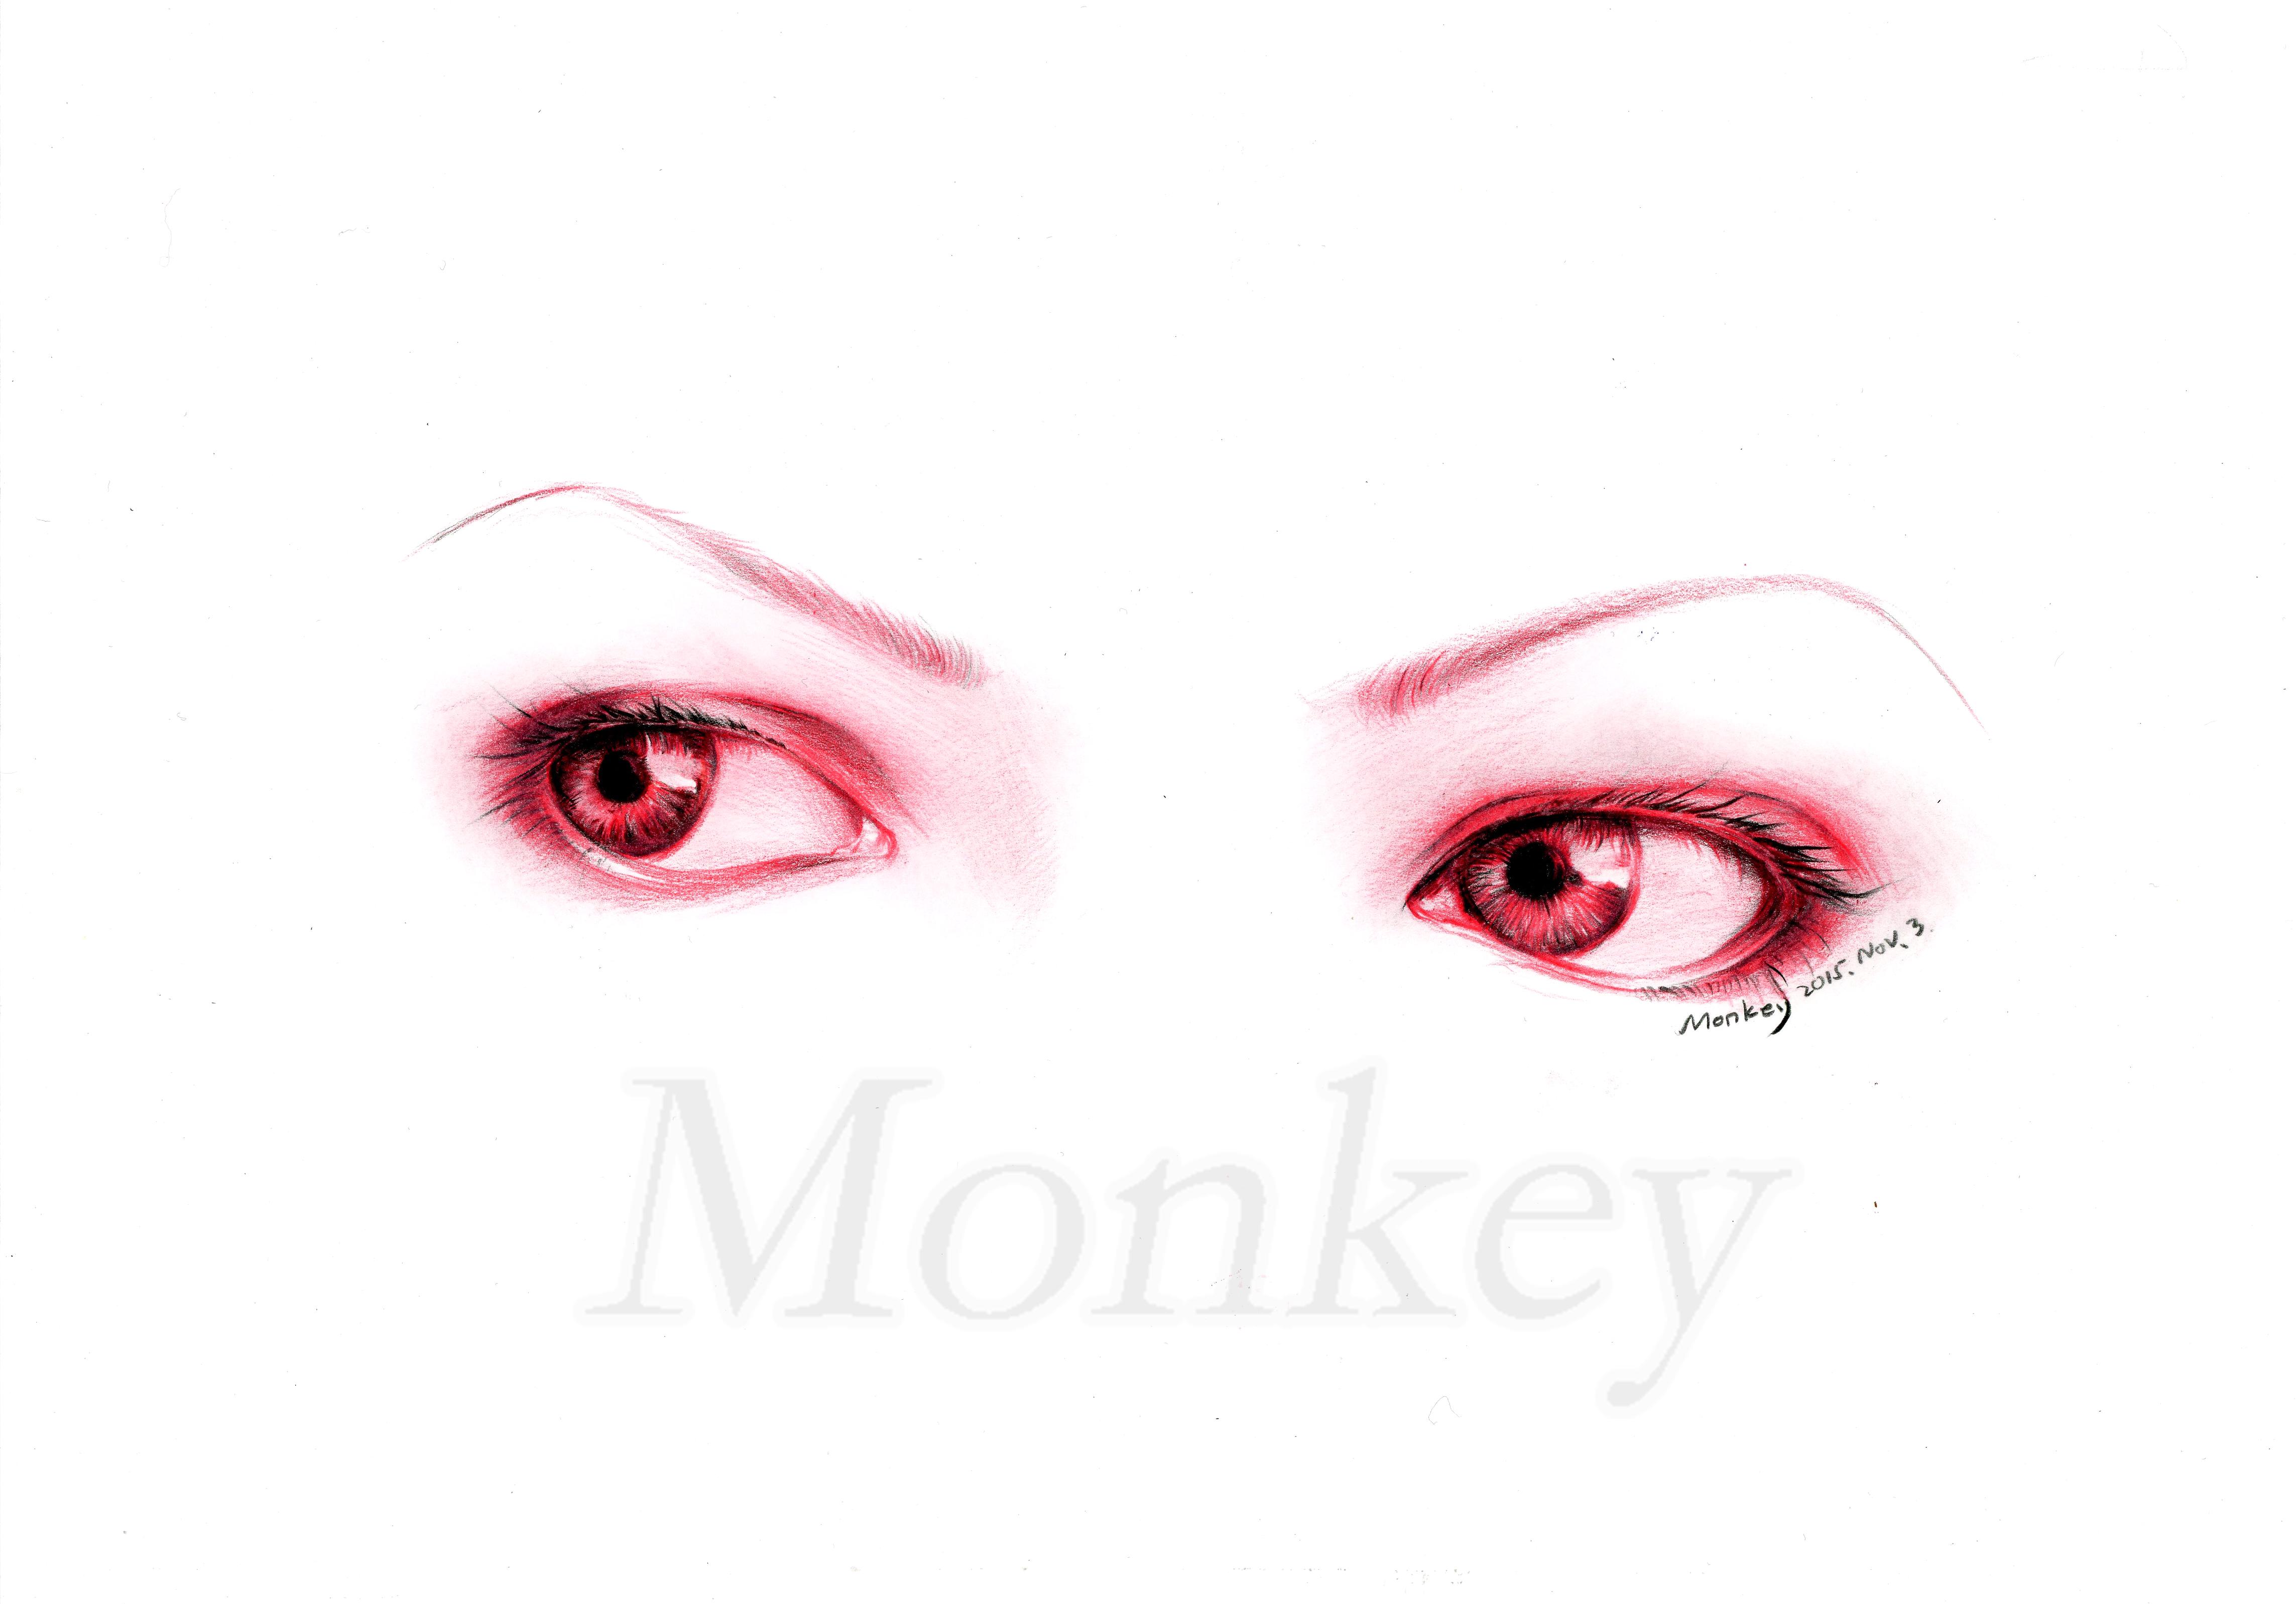 眼睛彩铅手绘